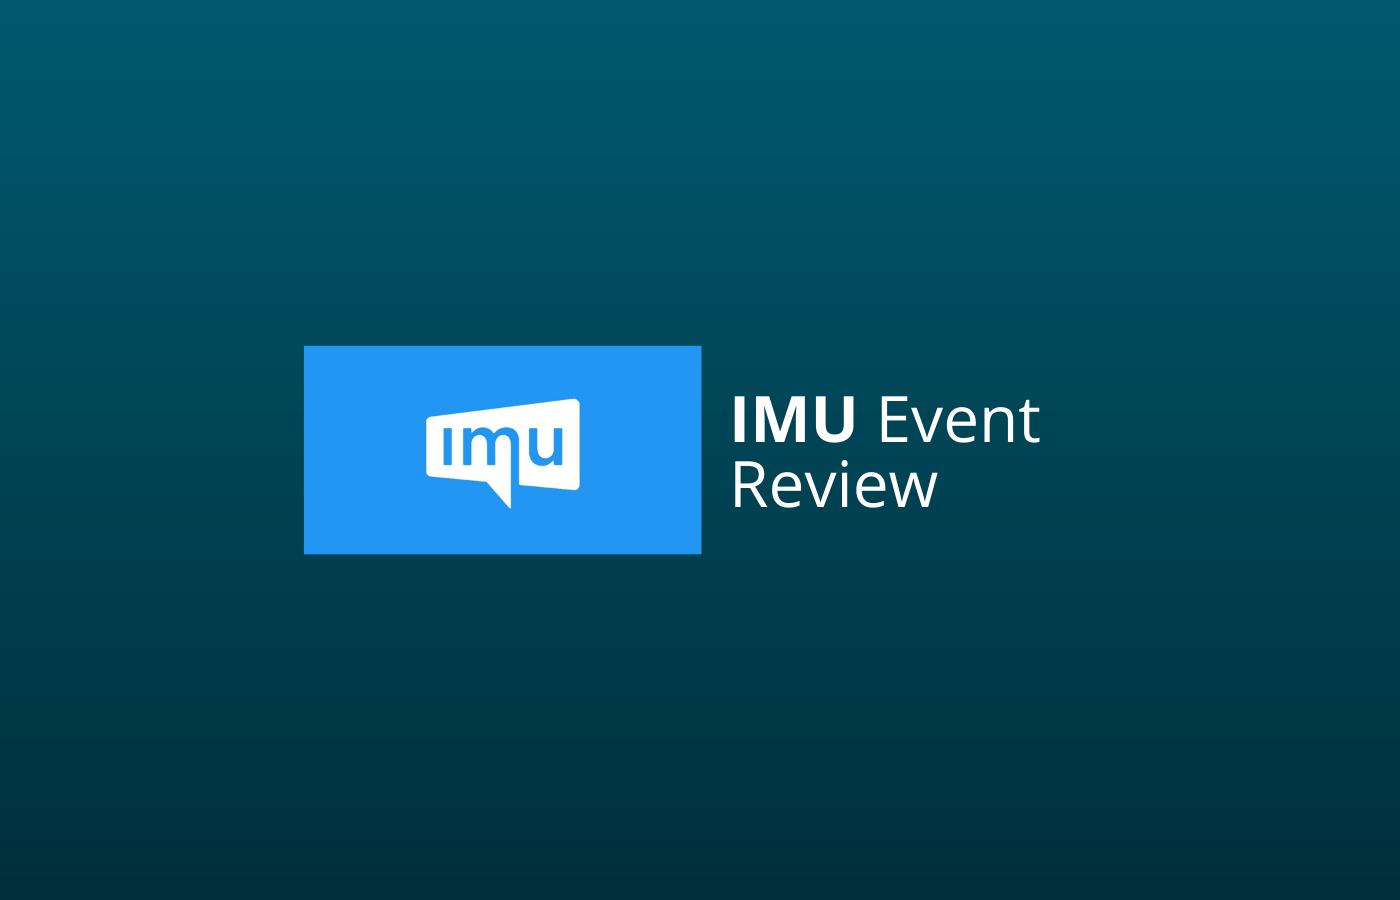 IMU event review ervaringen van ons